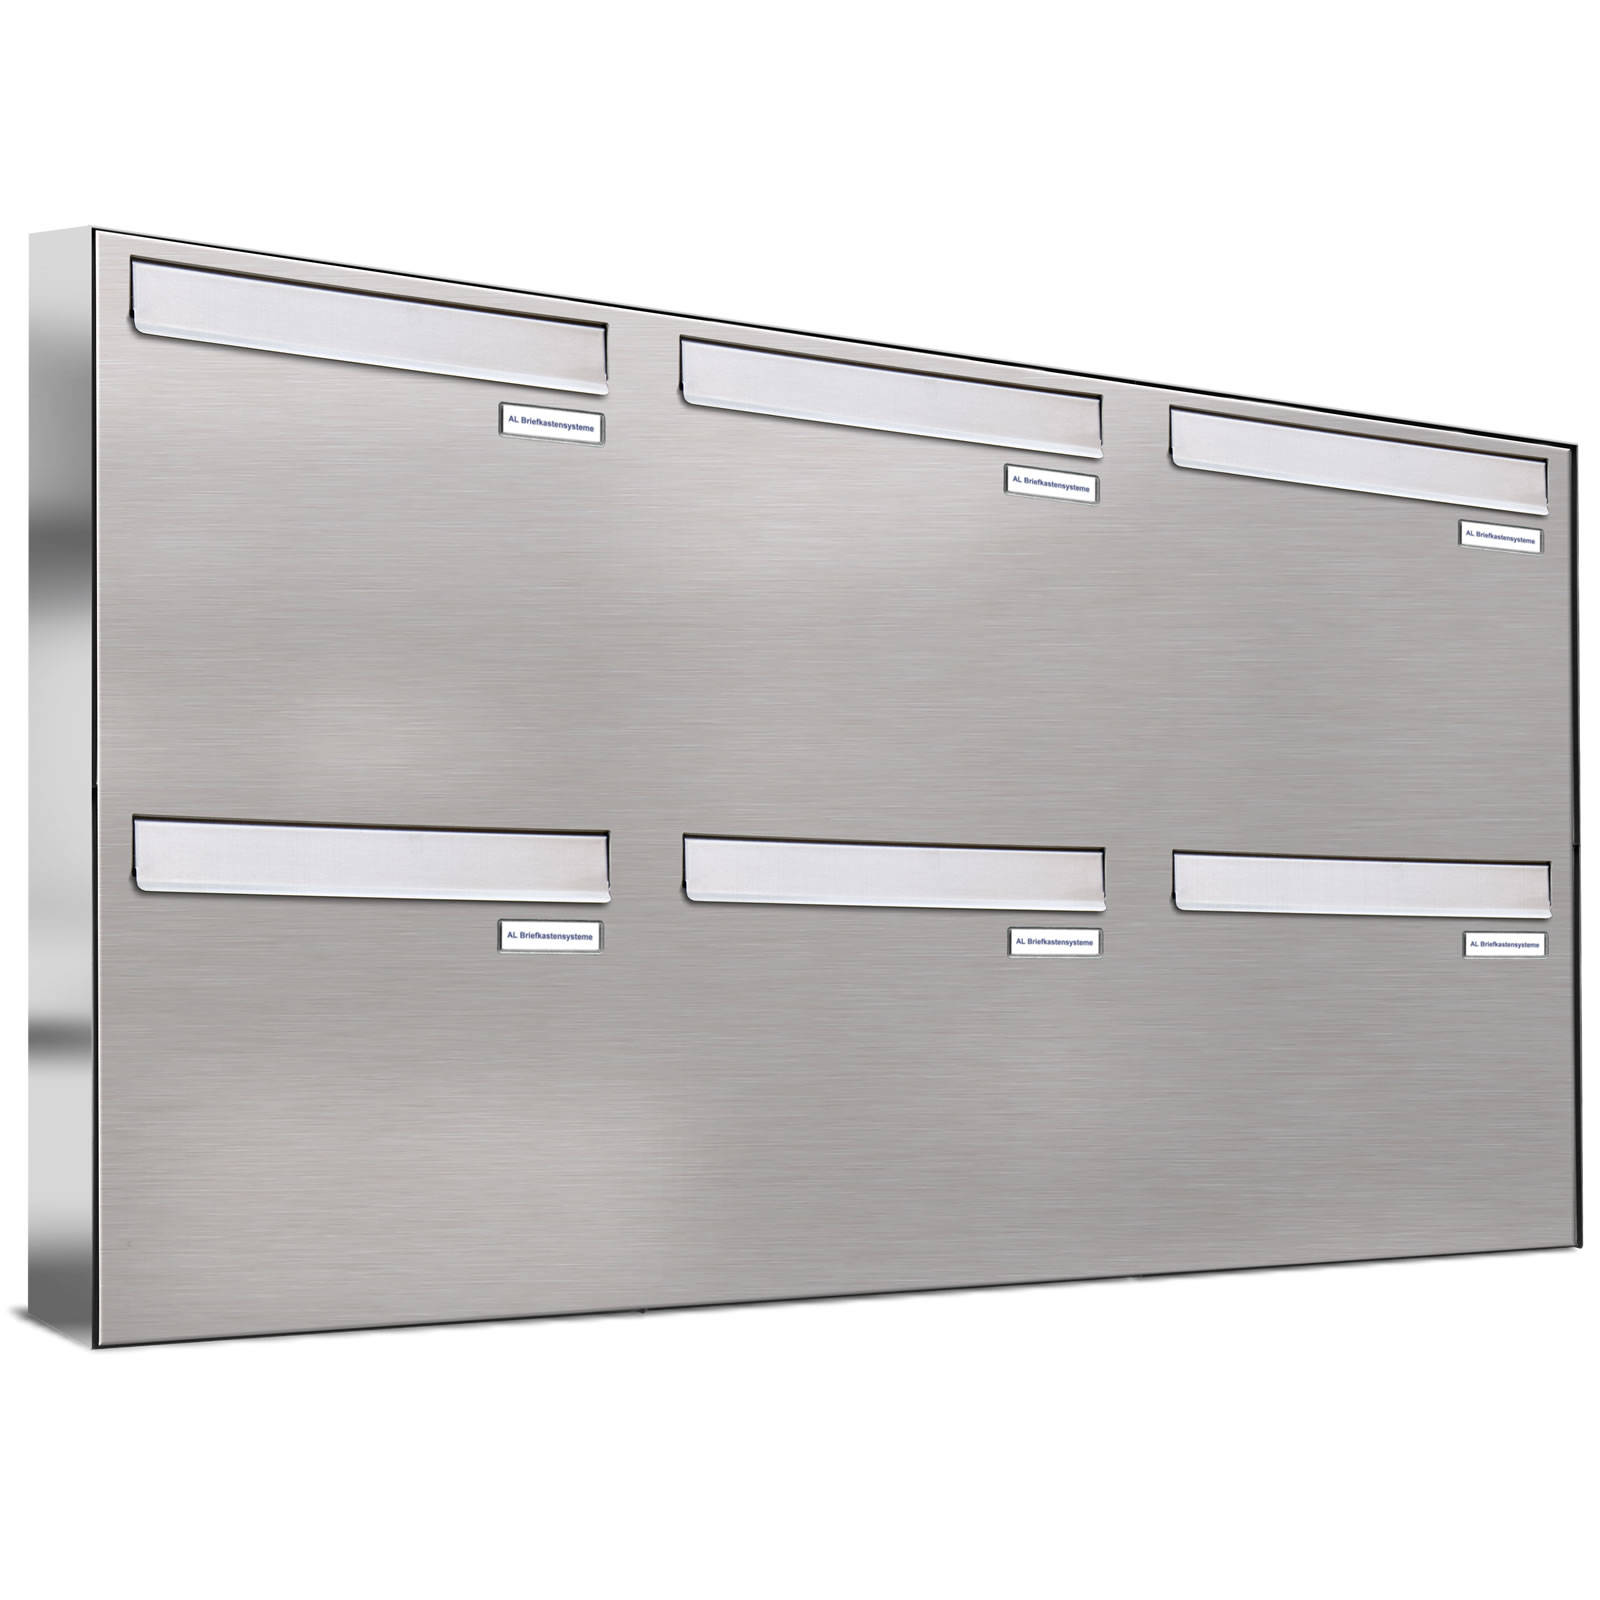 6er 3x2 v2a edelstahl briefkasten anlage t r zaundurchwurf ebay. Black Bedroom Furniture Sets. Home Design Ideas